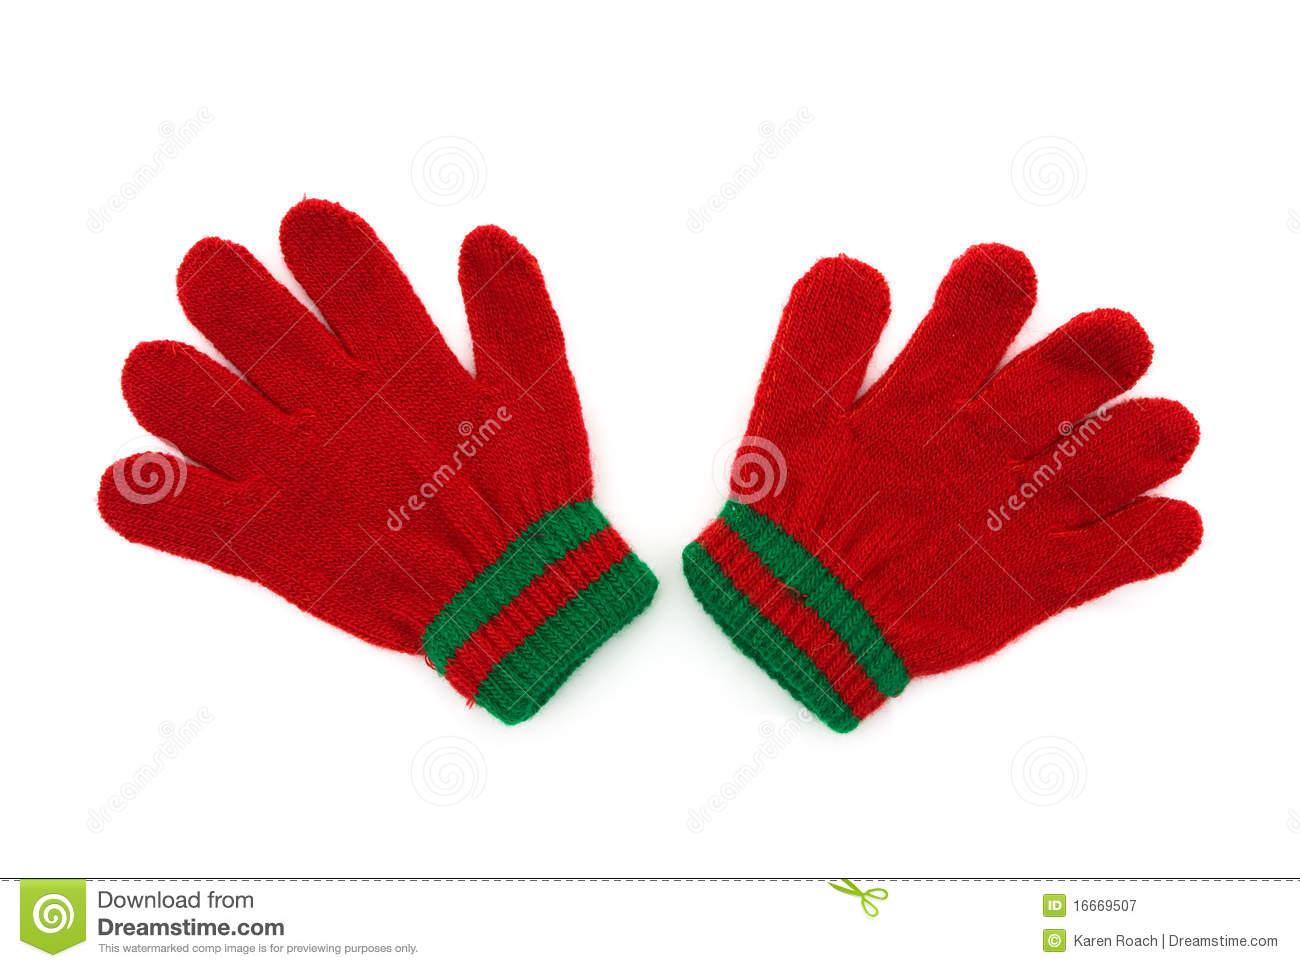 Mittens clipart warm glove. Winter gloves free download